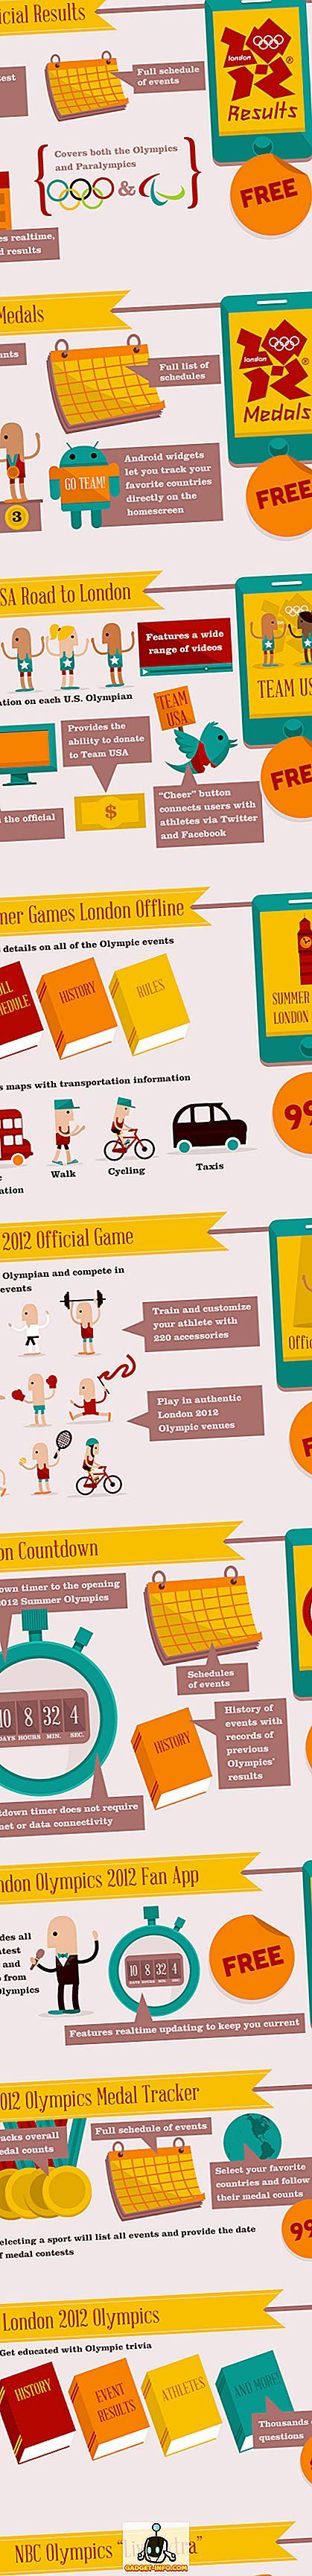 Топ приложения за олимпийските игри в Лондон 2012 [Инфографика]